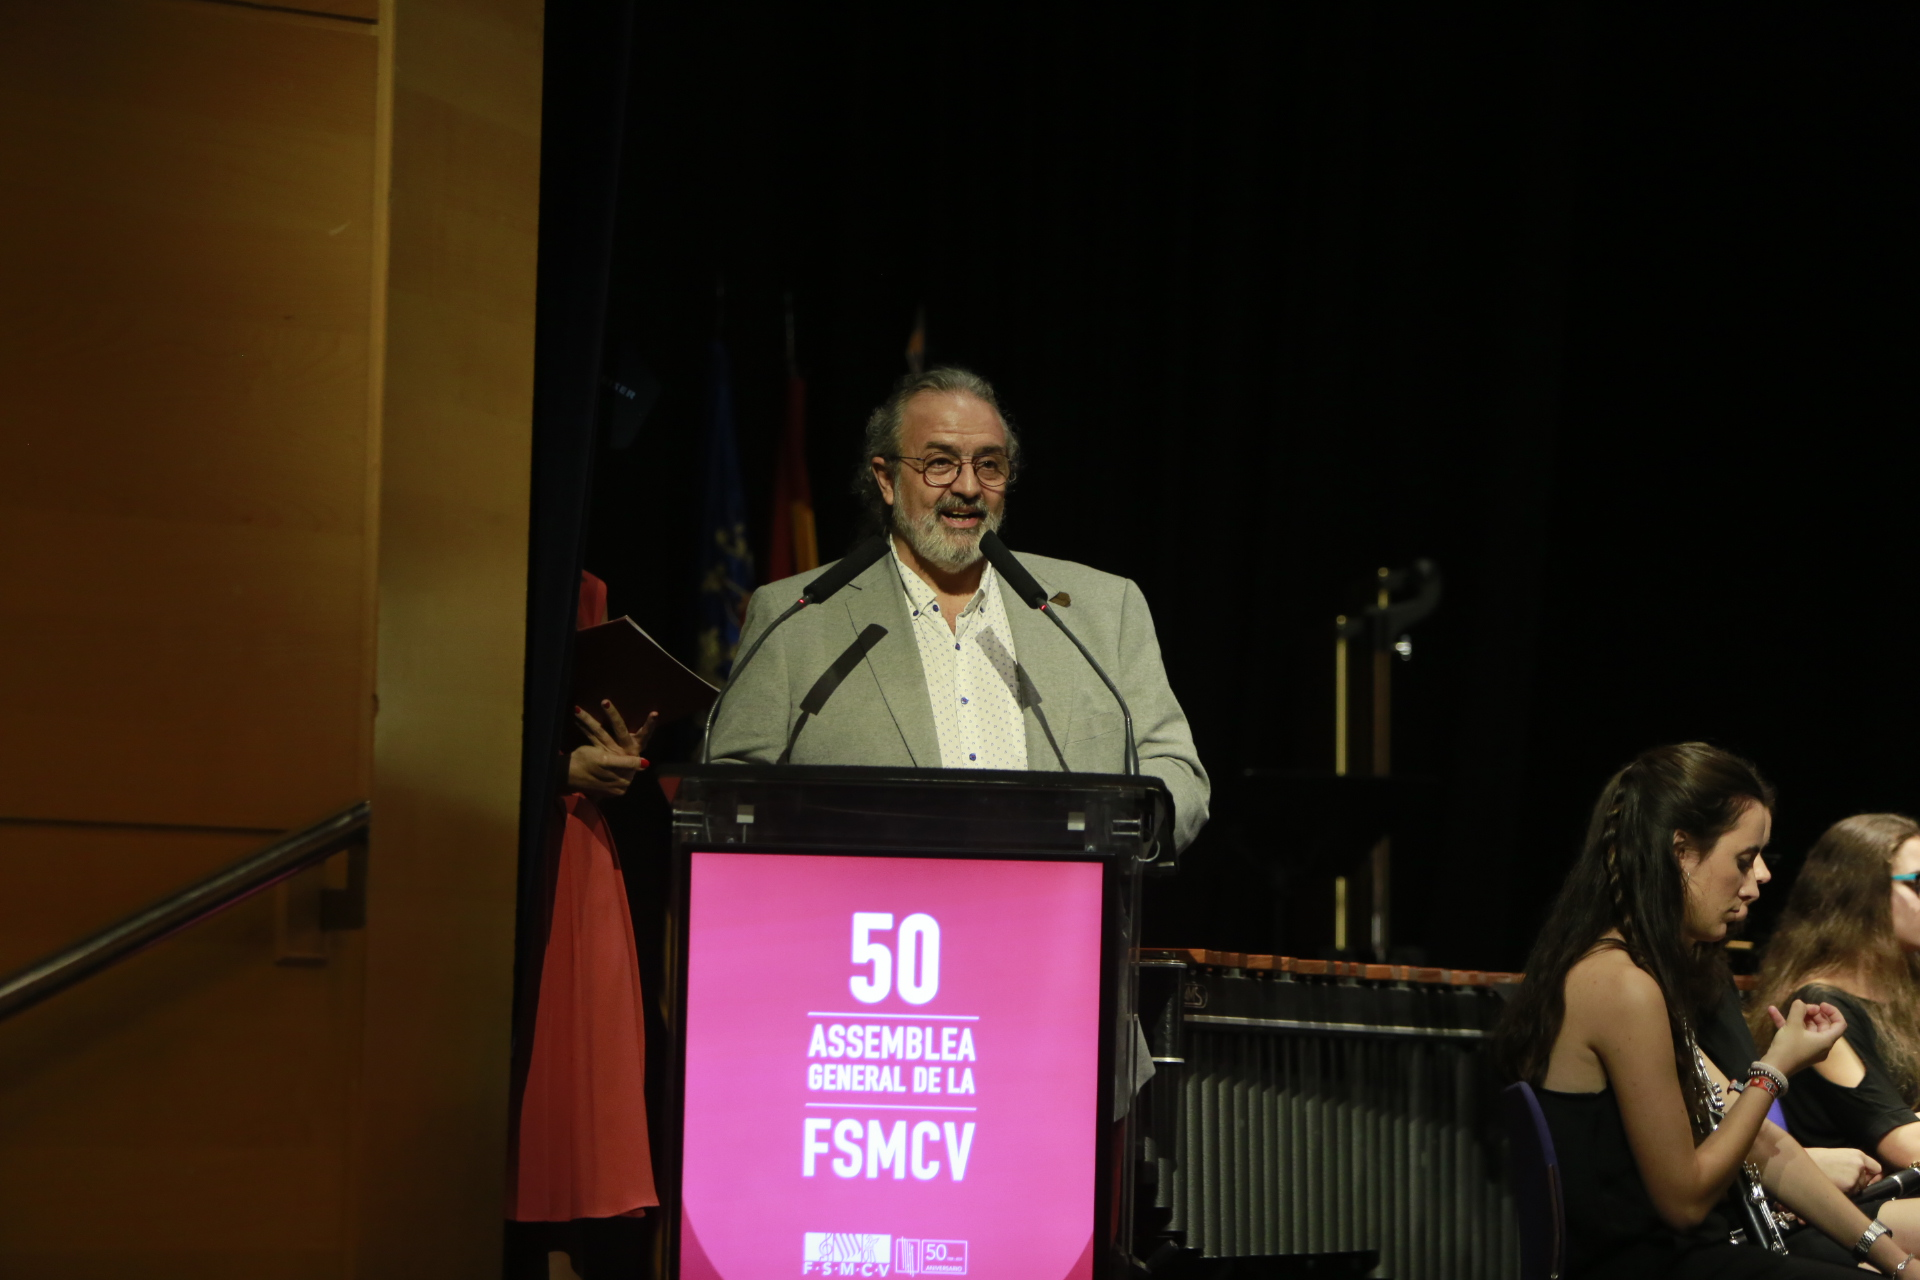 Las Sociedades Musicales han reelegido presidente a Pedro Rodríguez.